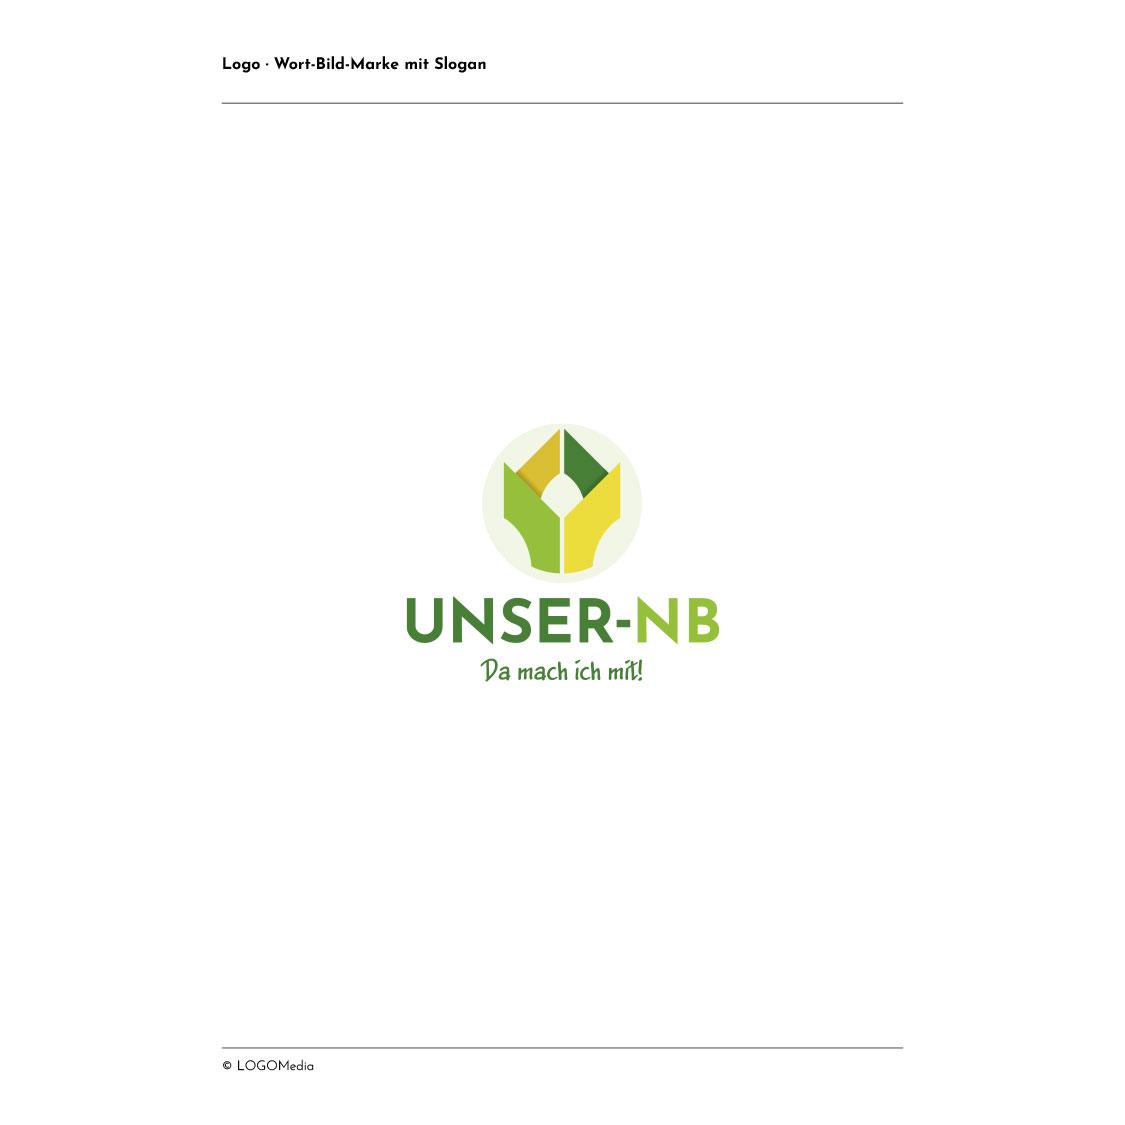 LOGO Daten UNSER NB 5